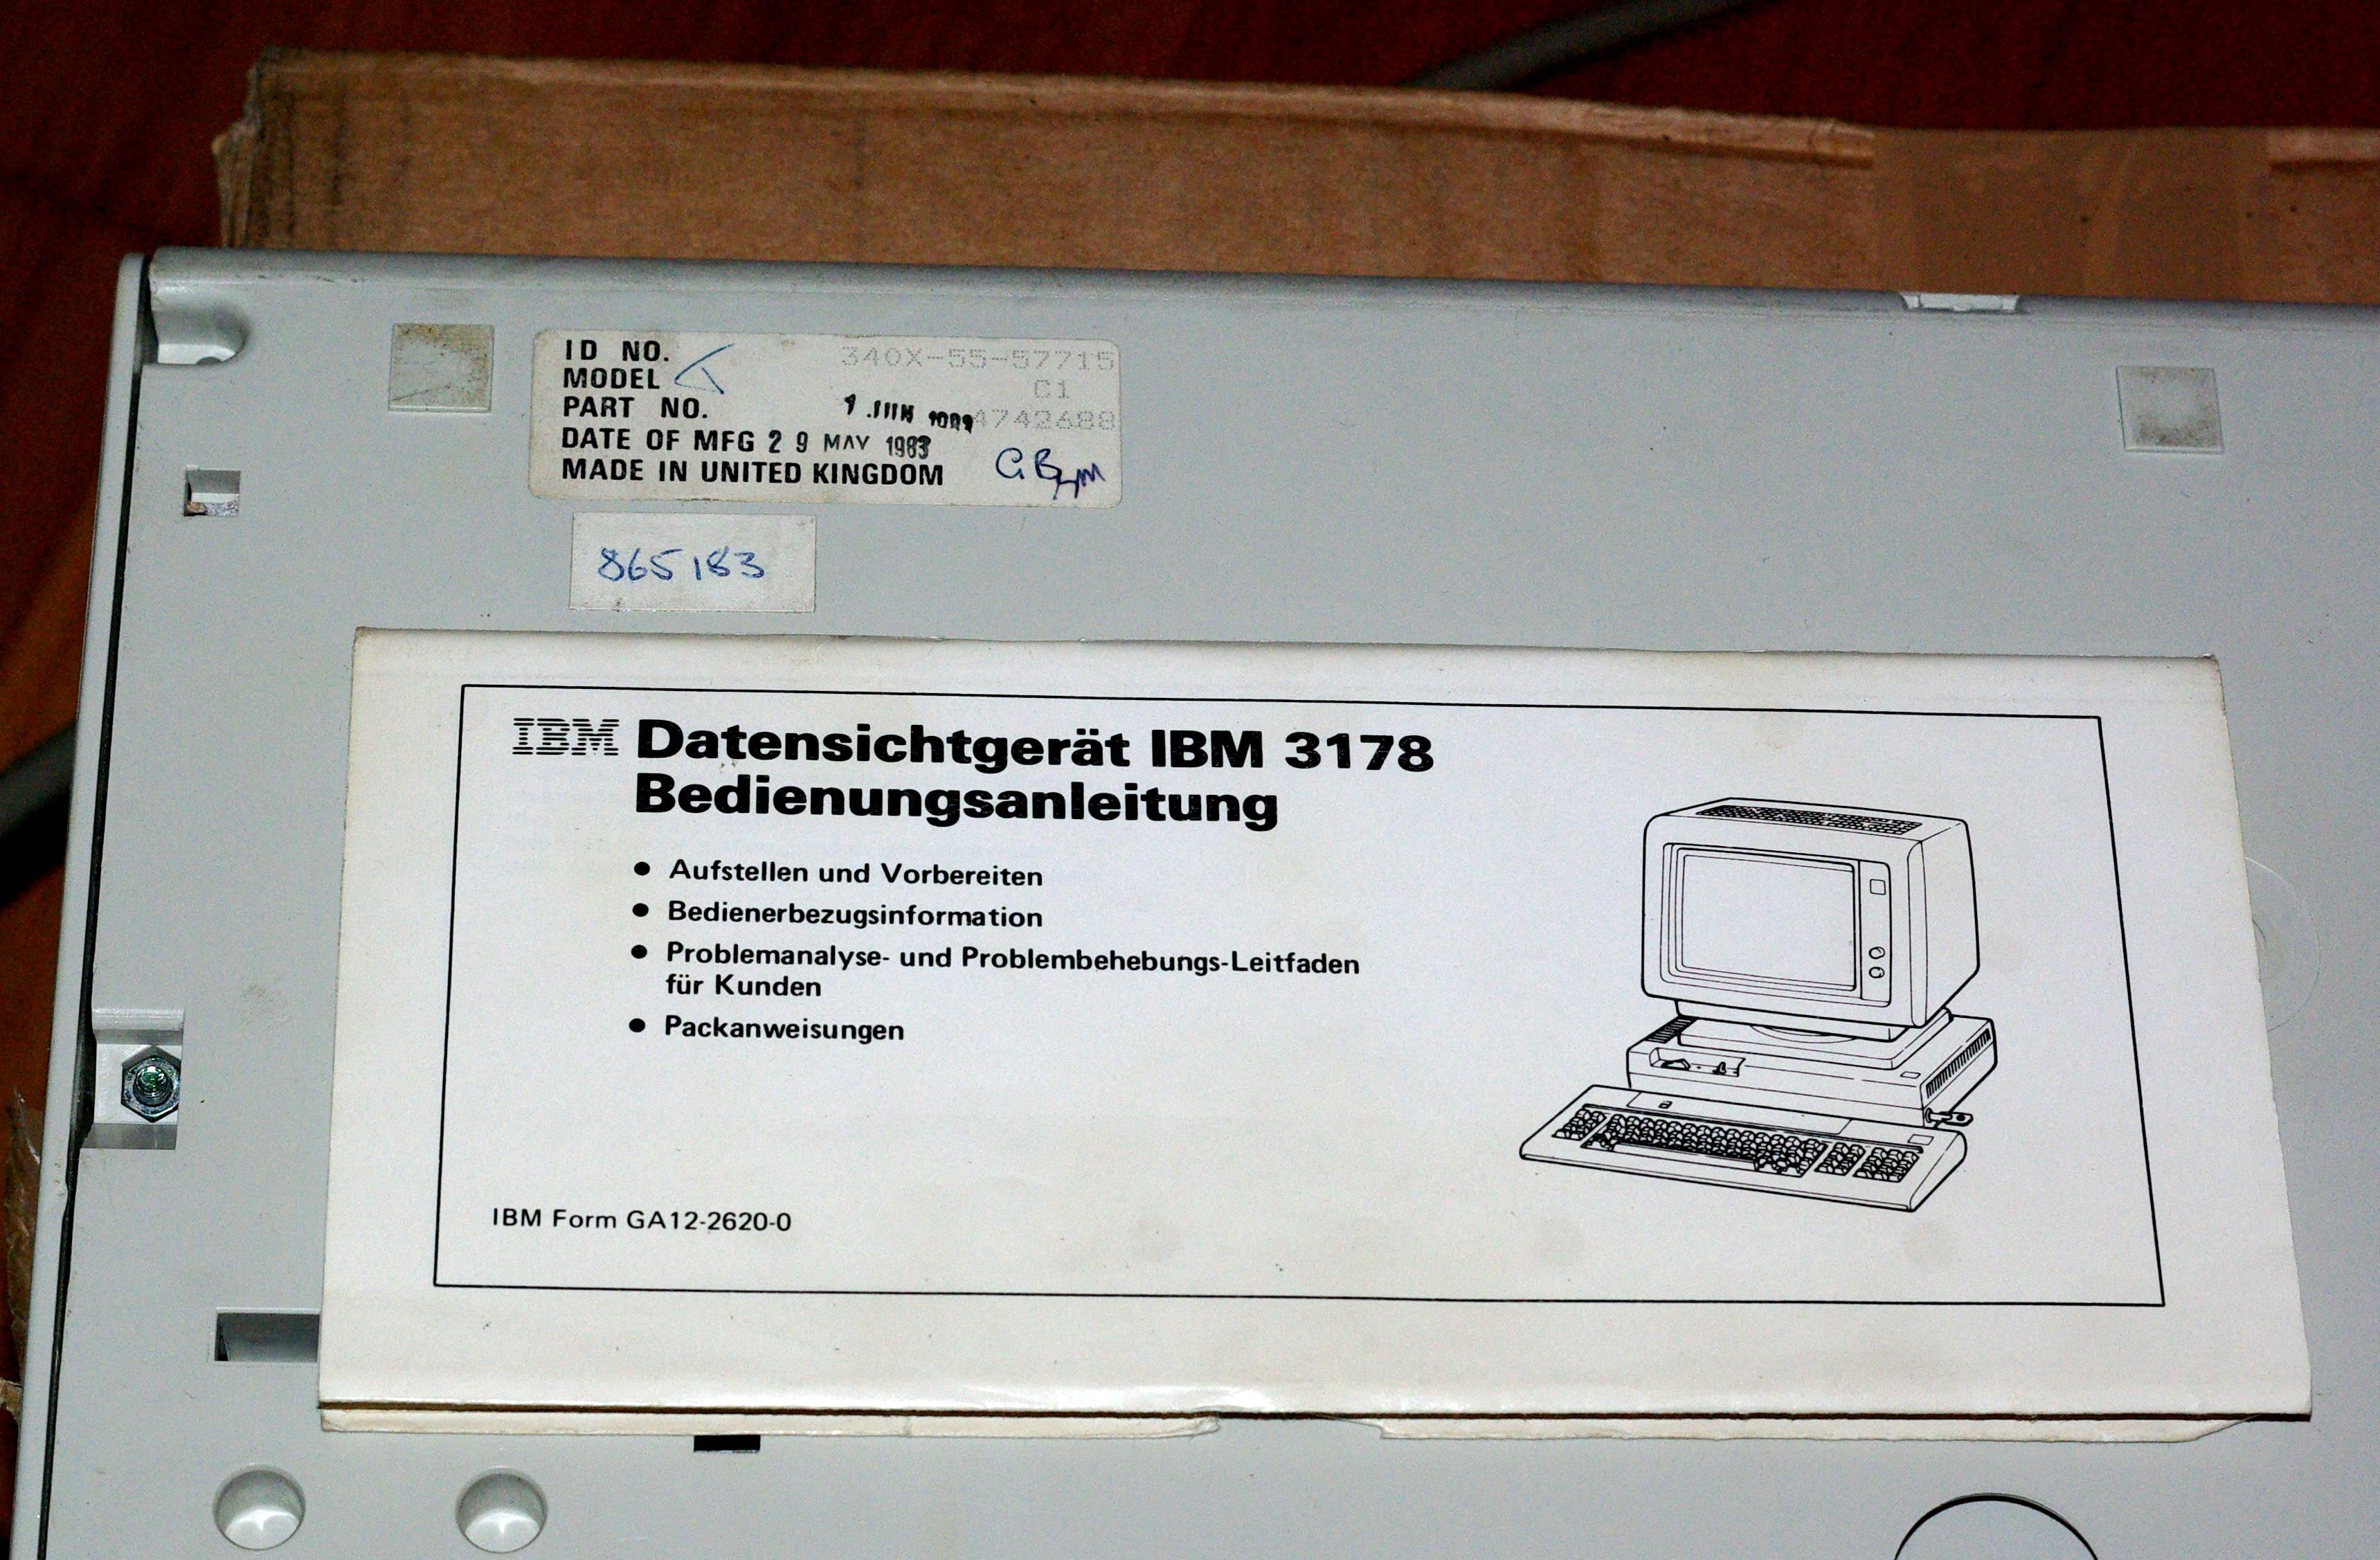 IMGP6910.JPG